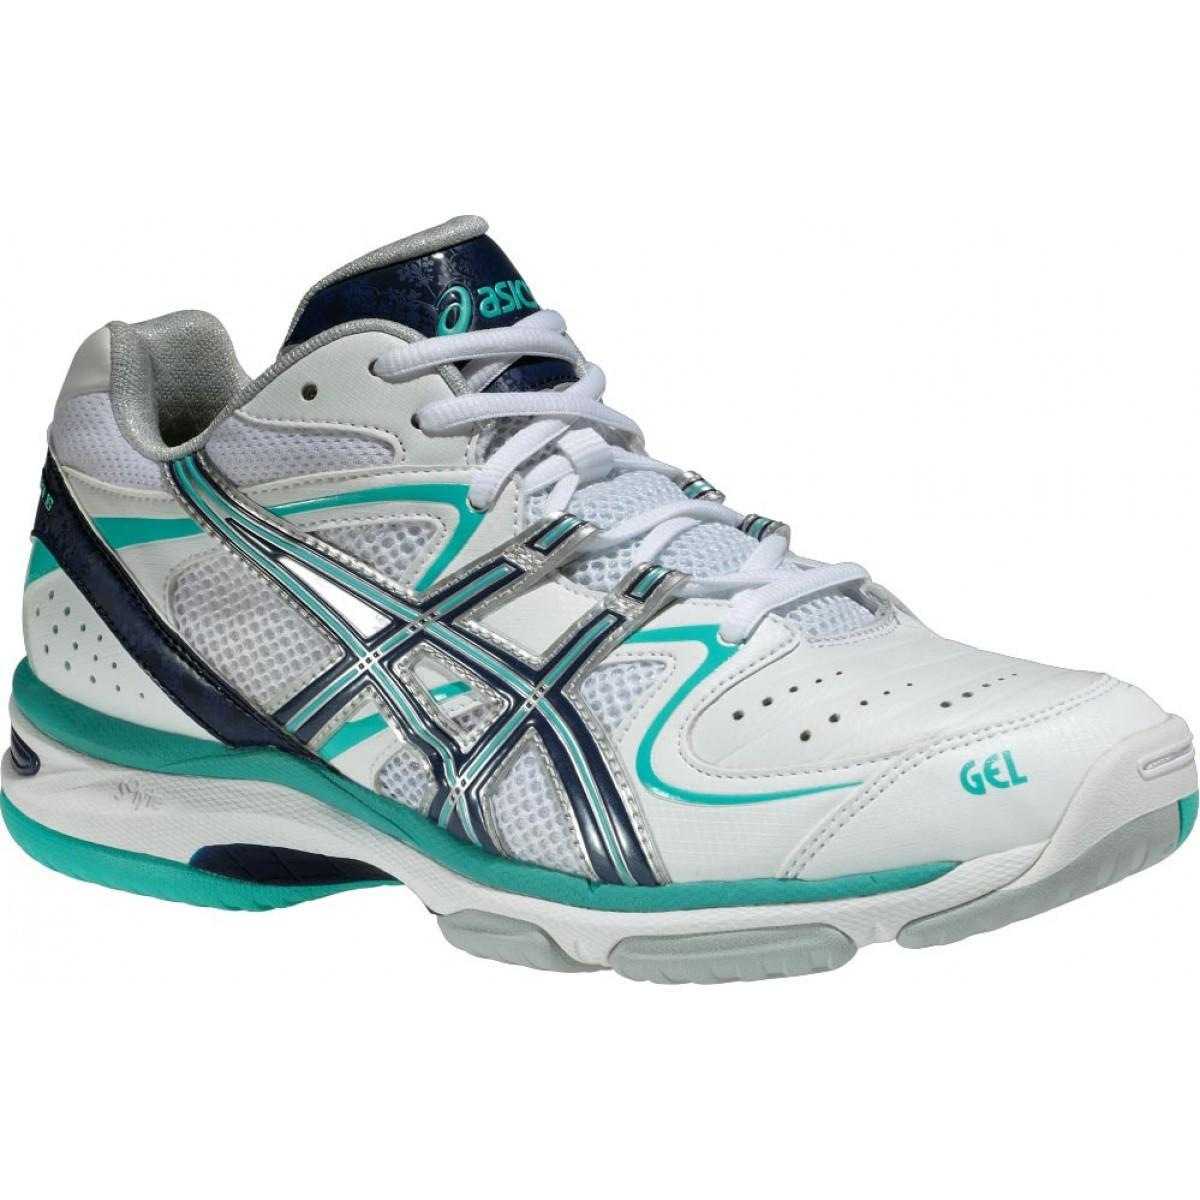 Jusqu'à 50% de réduction sur une sélection d'articles + 20% de réduction supplémentaire - Ex : Chaussures Asics Gel-Netburner 16 (Taille au choix) à 61.60€